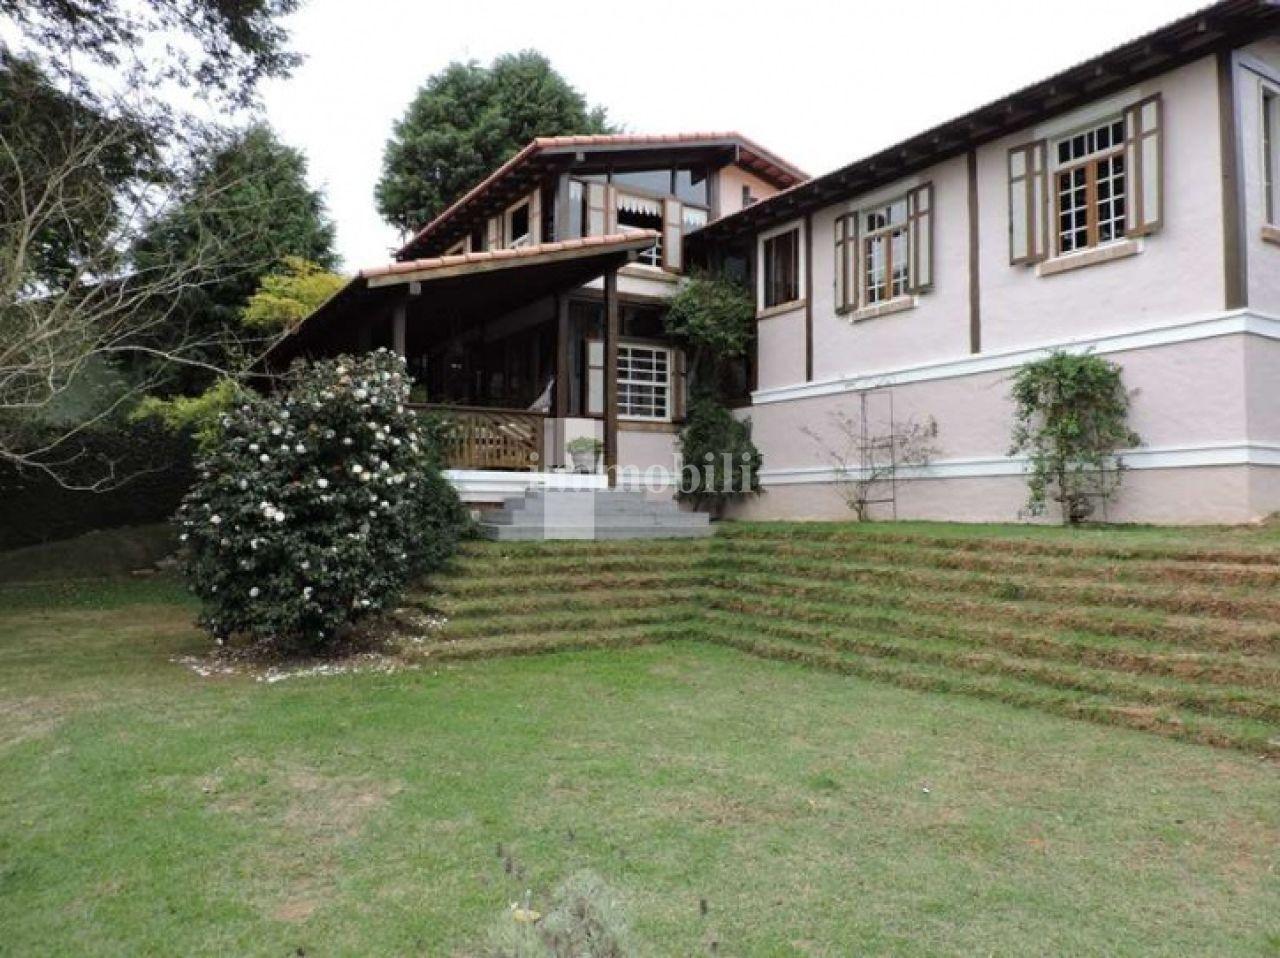 Casa em Condomínio para Venda - CHÁCARA MOINHO VELHO